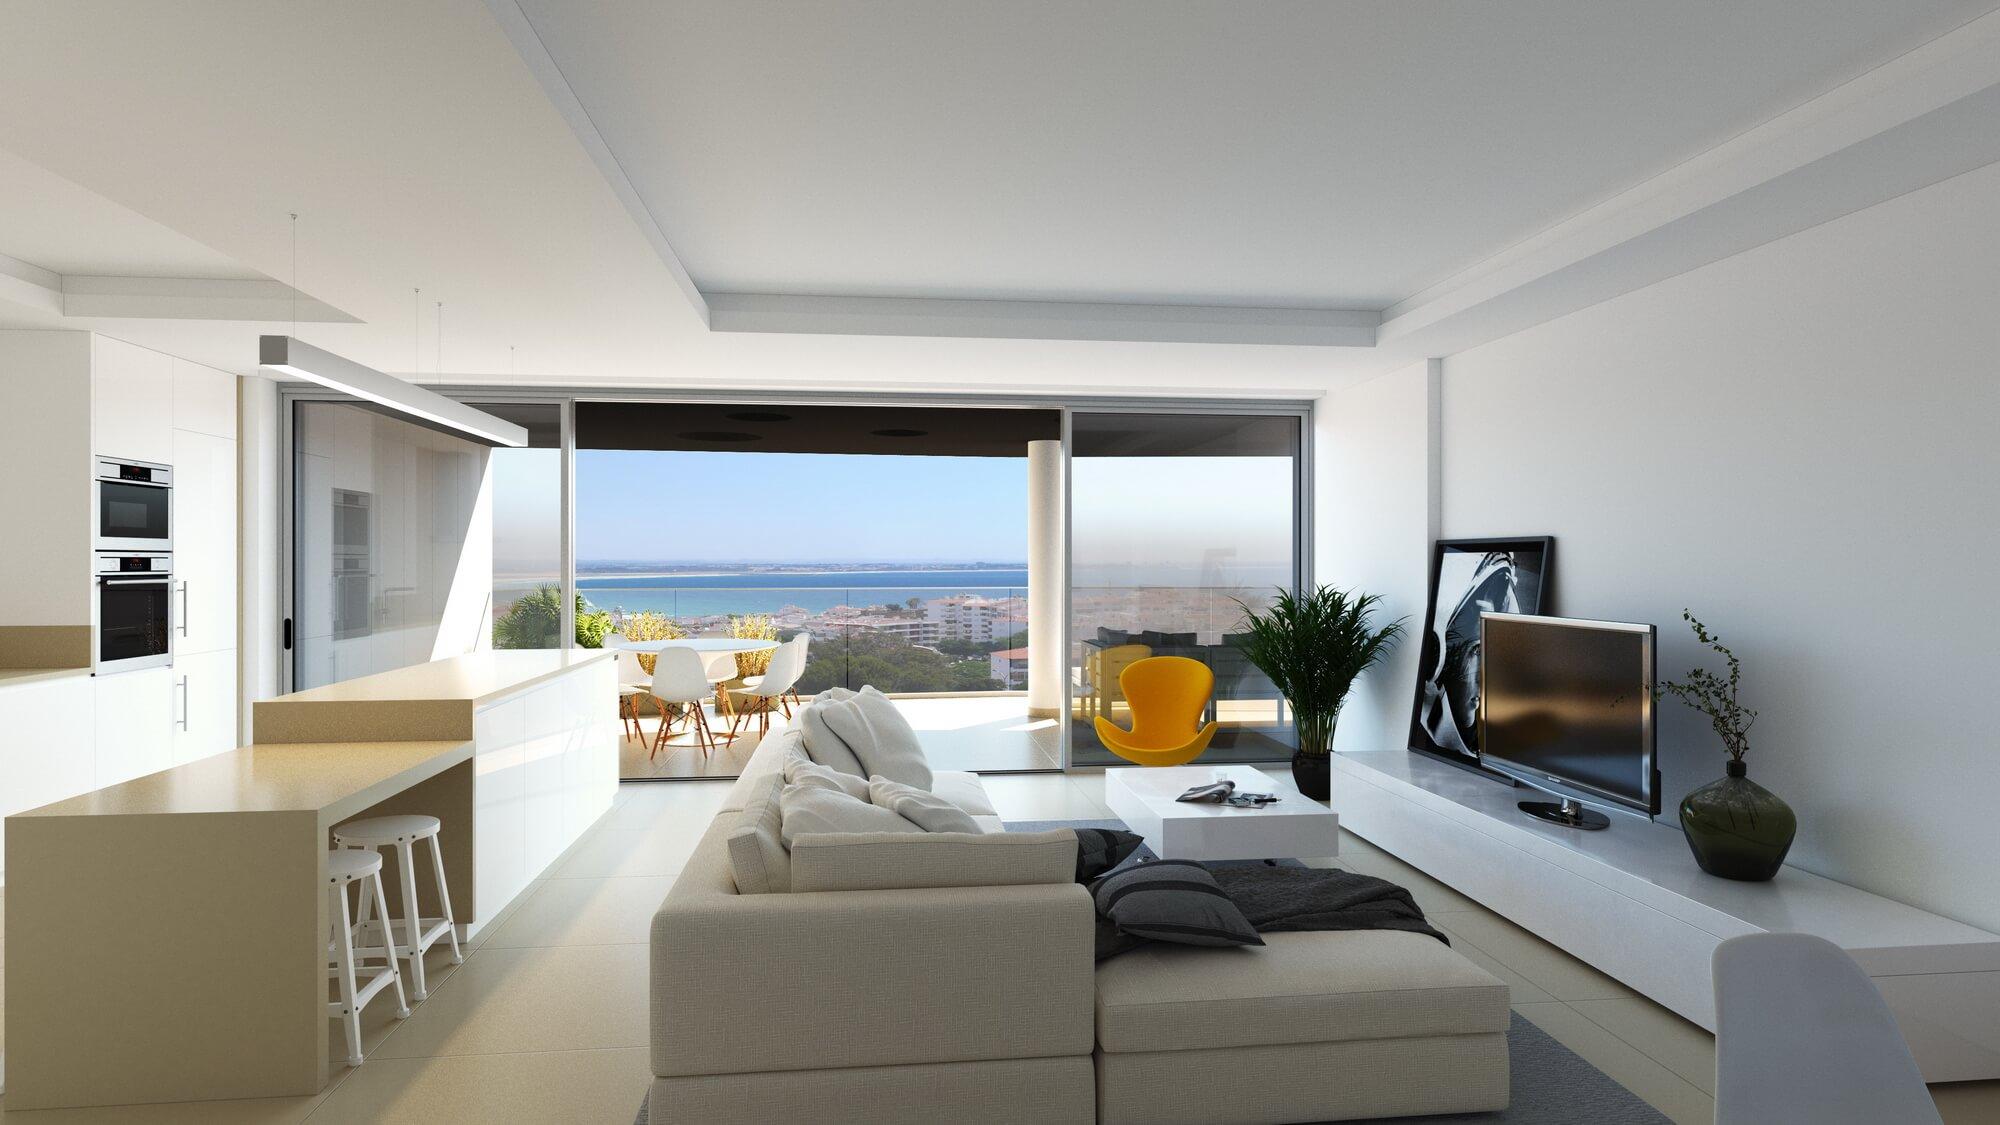 Algarve Tout nouveau penthouse de 5 chambres à Lagos  - Lagos